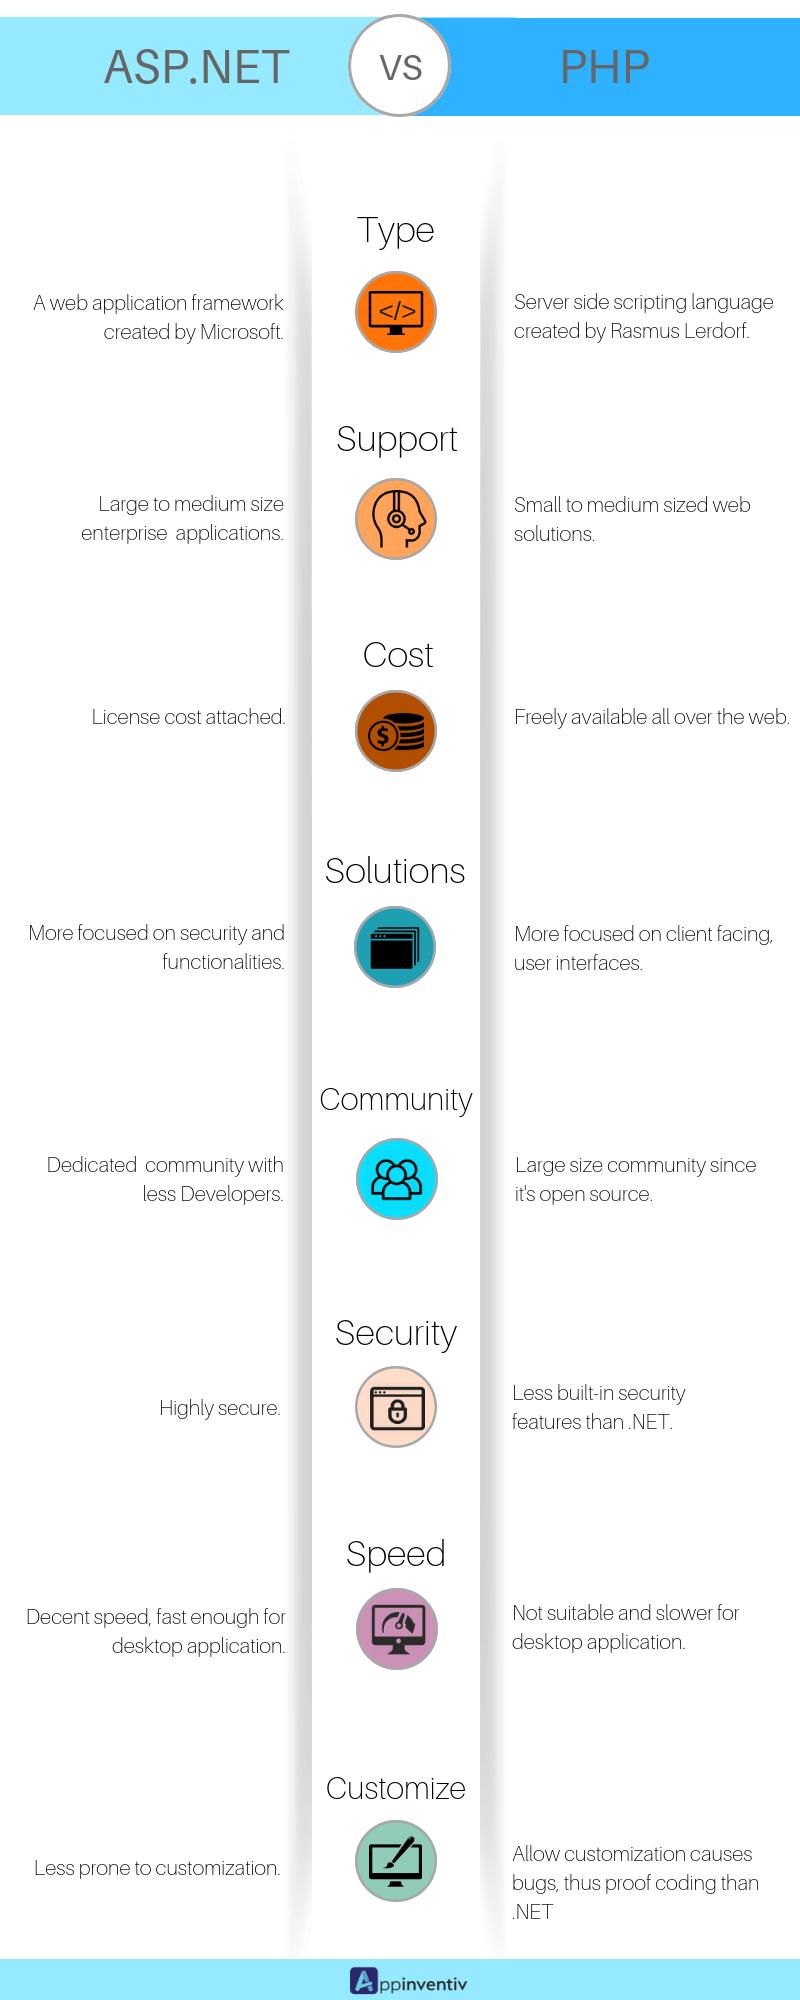 ASP.NET vs PHP The comparison